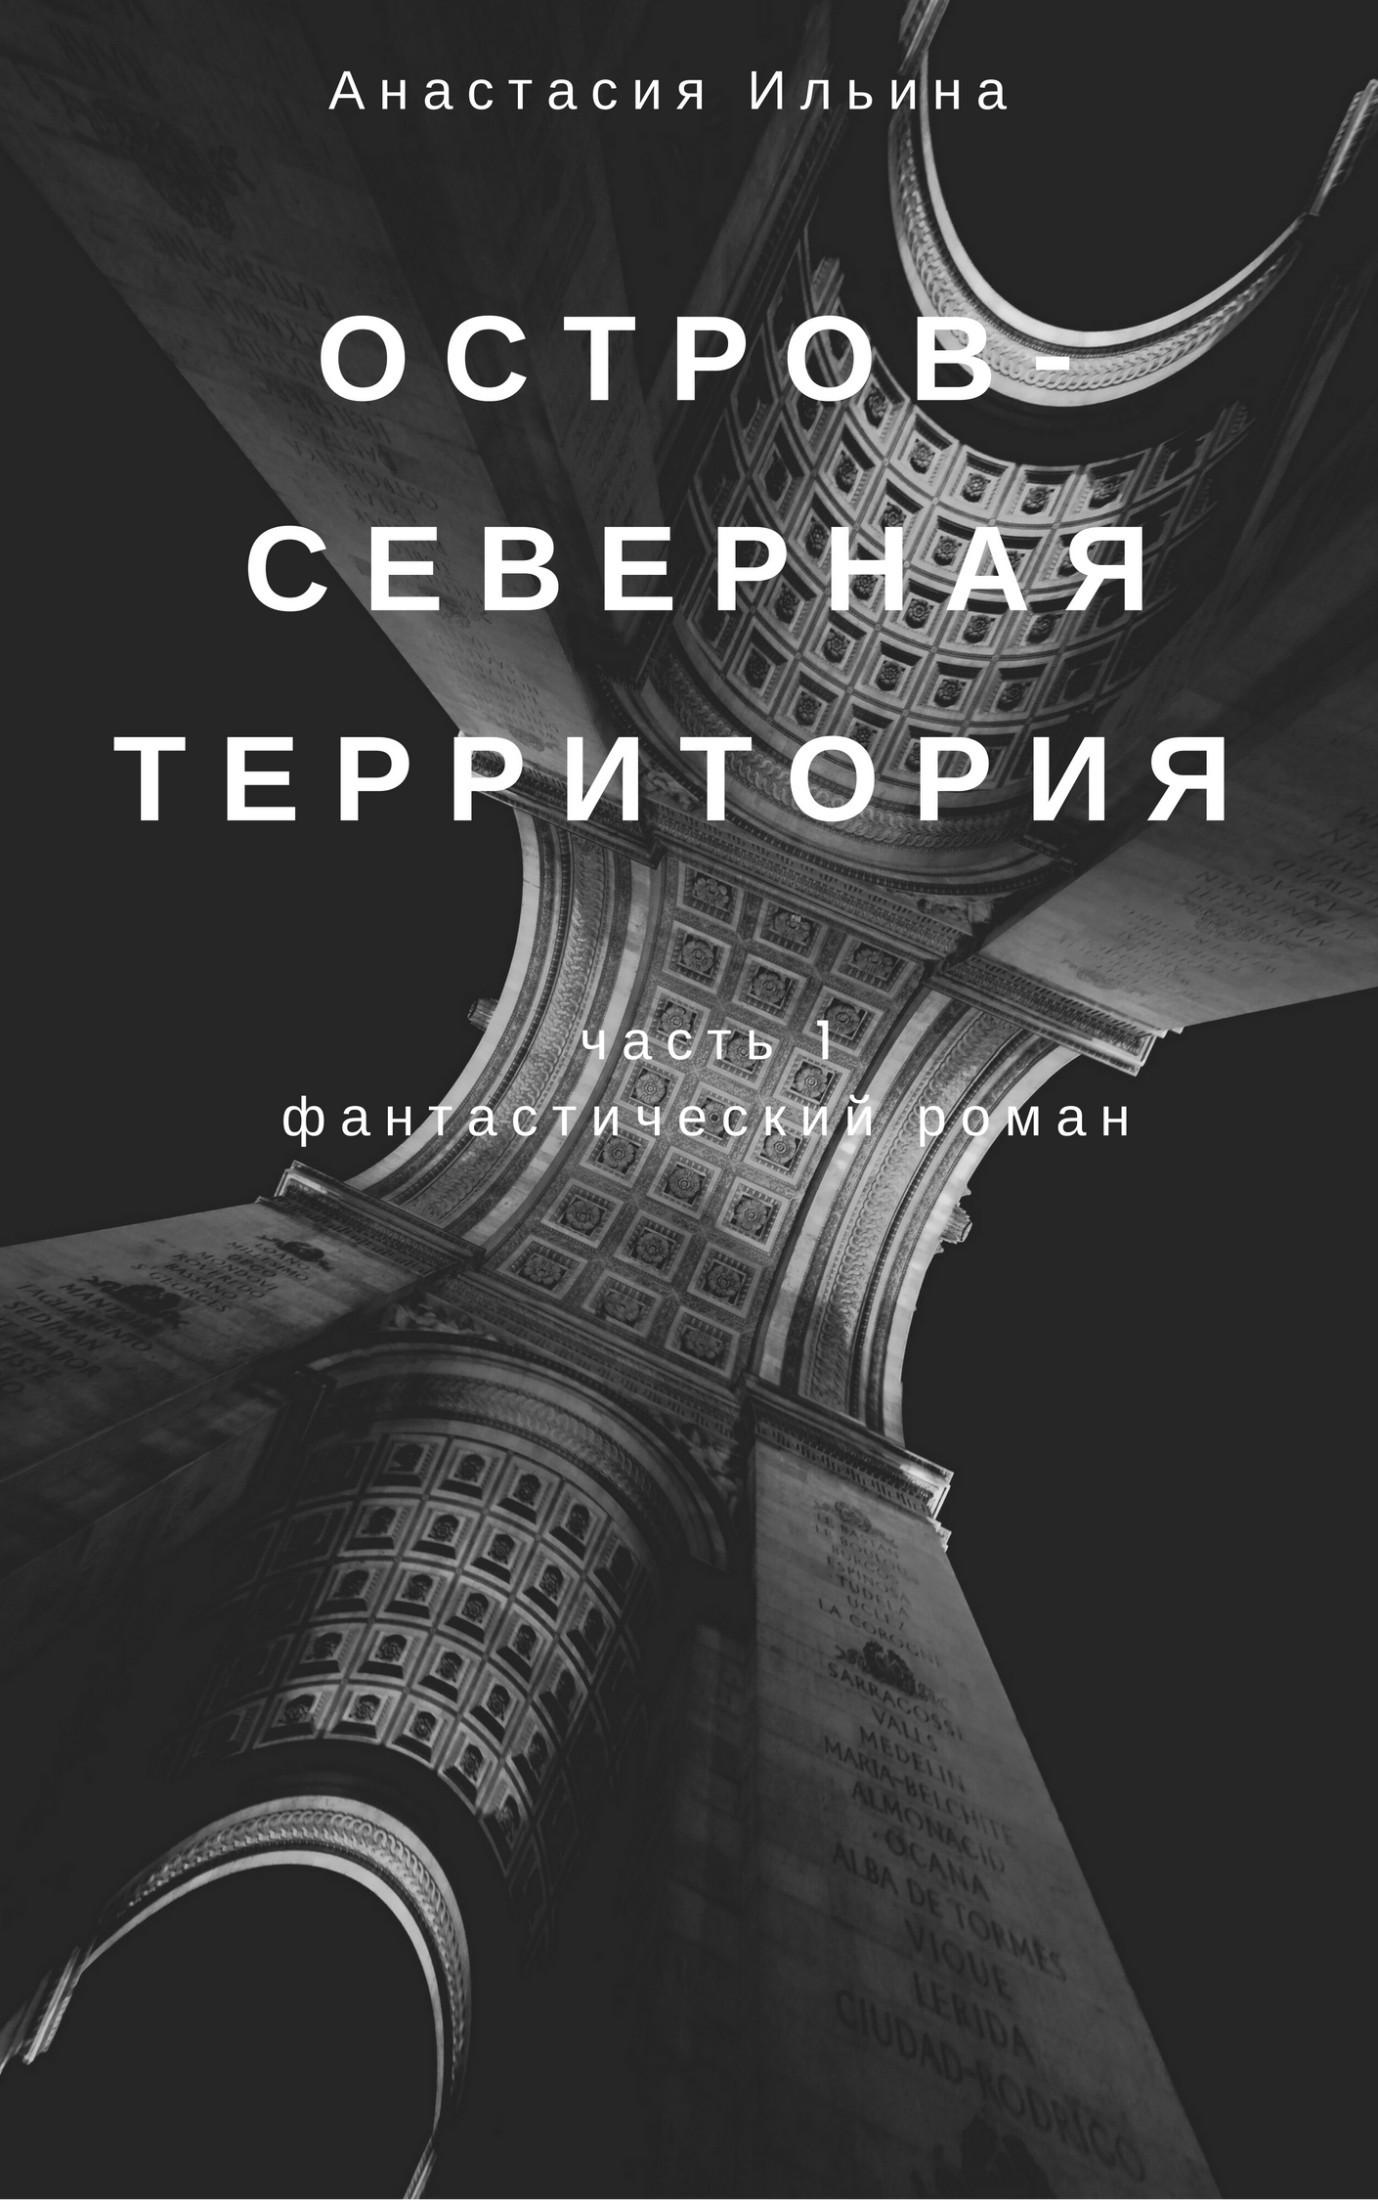 Анастасия Ильина - Остров – Северная территория